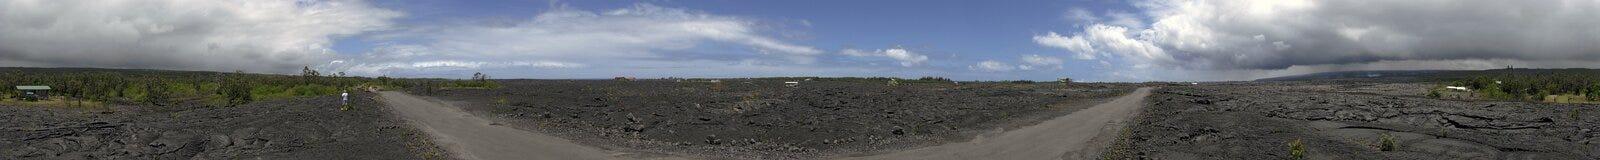 панорама kalapana Стоковые Фотографии RF